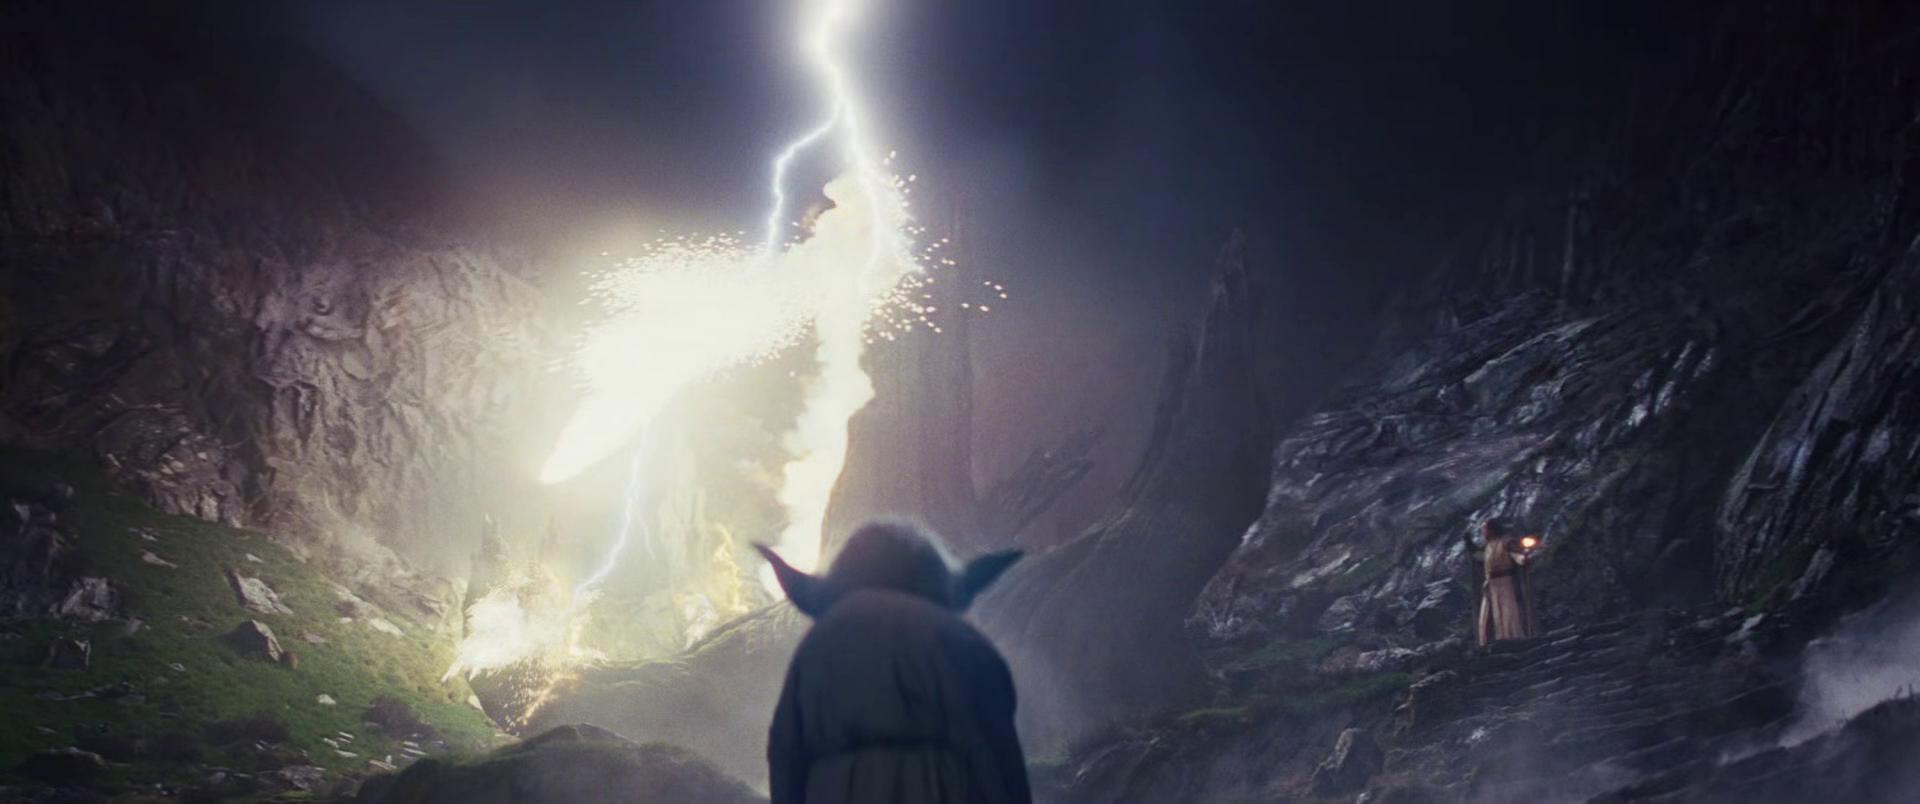 fantasmi di forza star wars poteri